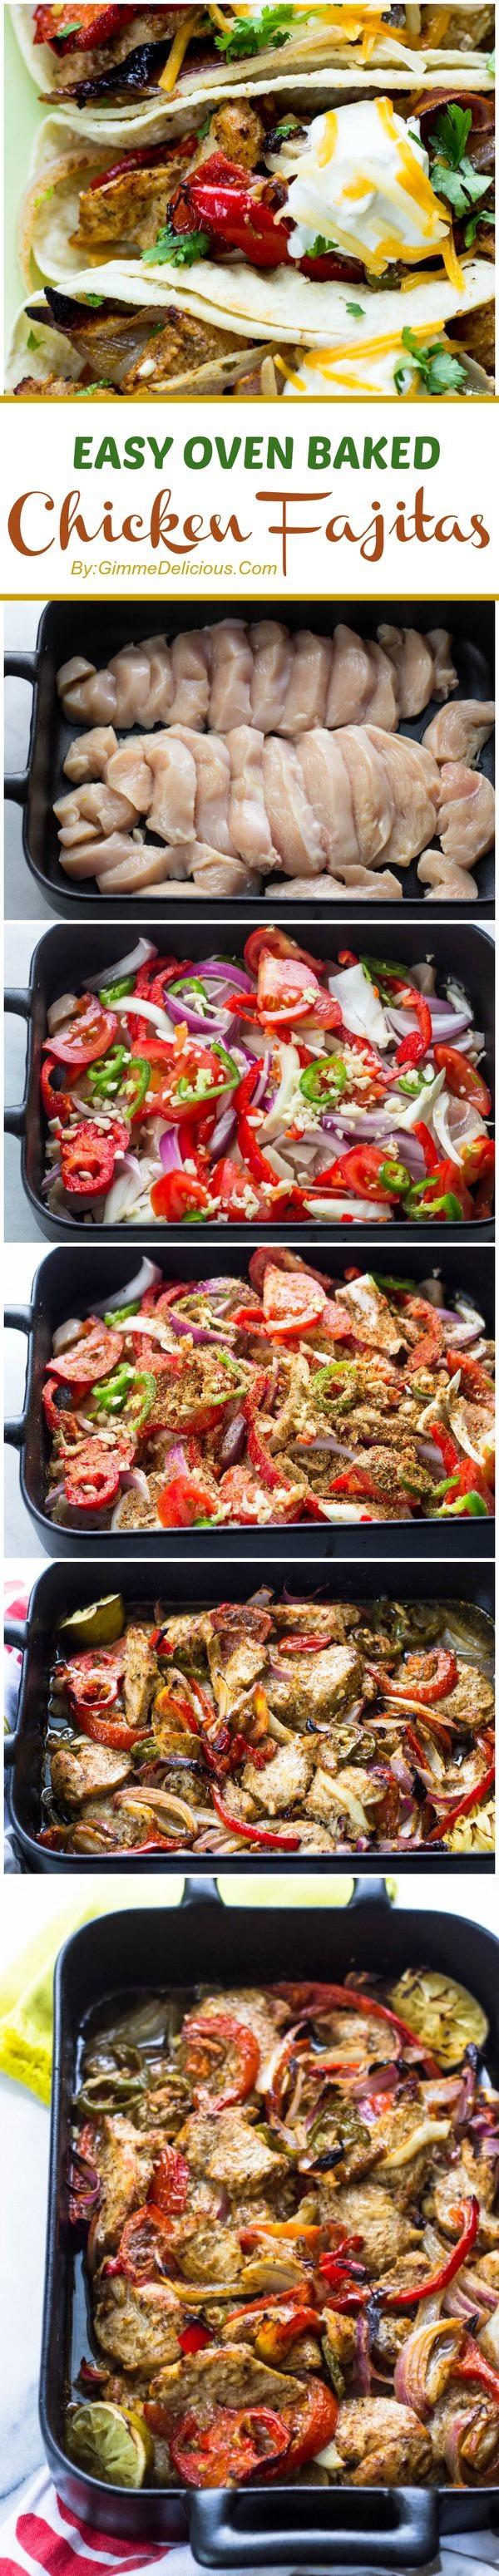 Easy Oven Baked Skinny Chicken Fajitas